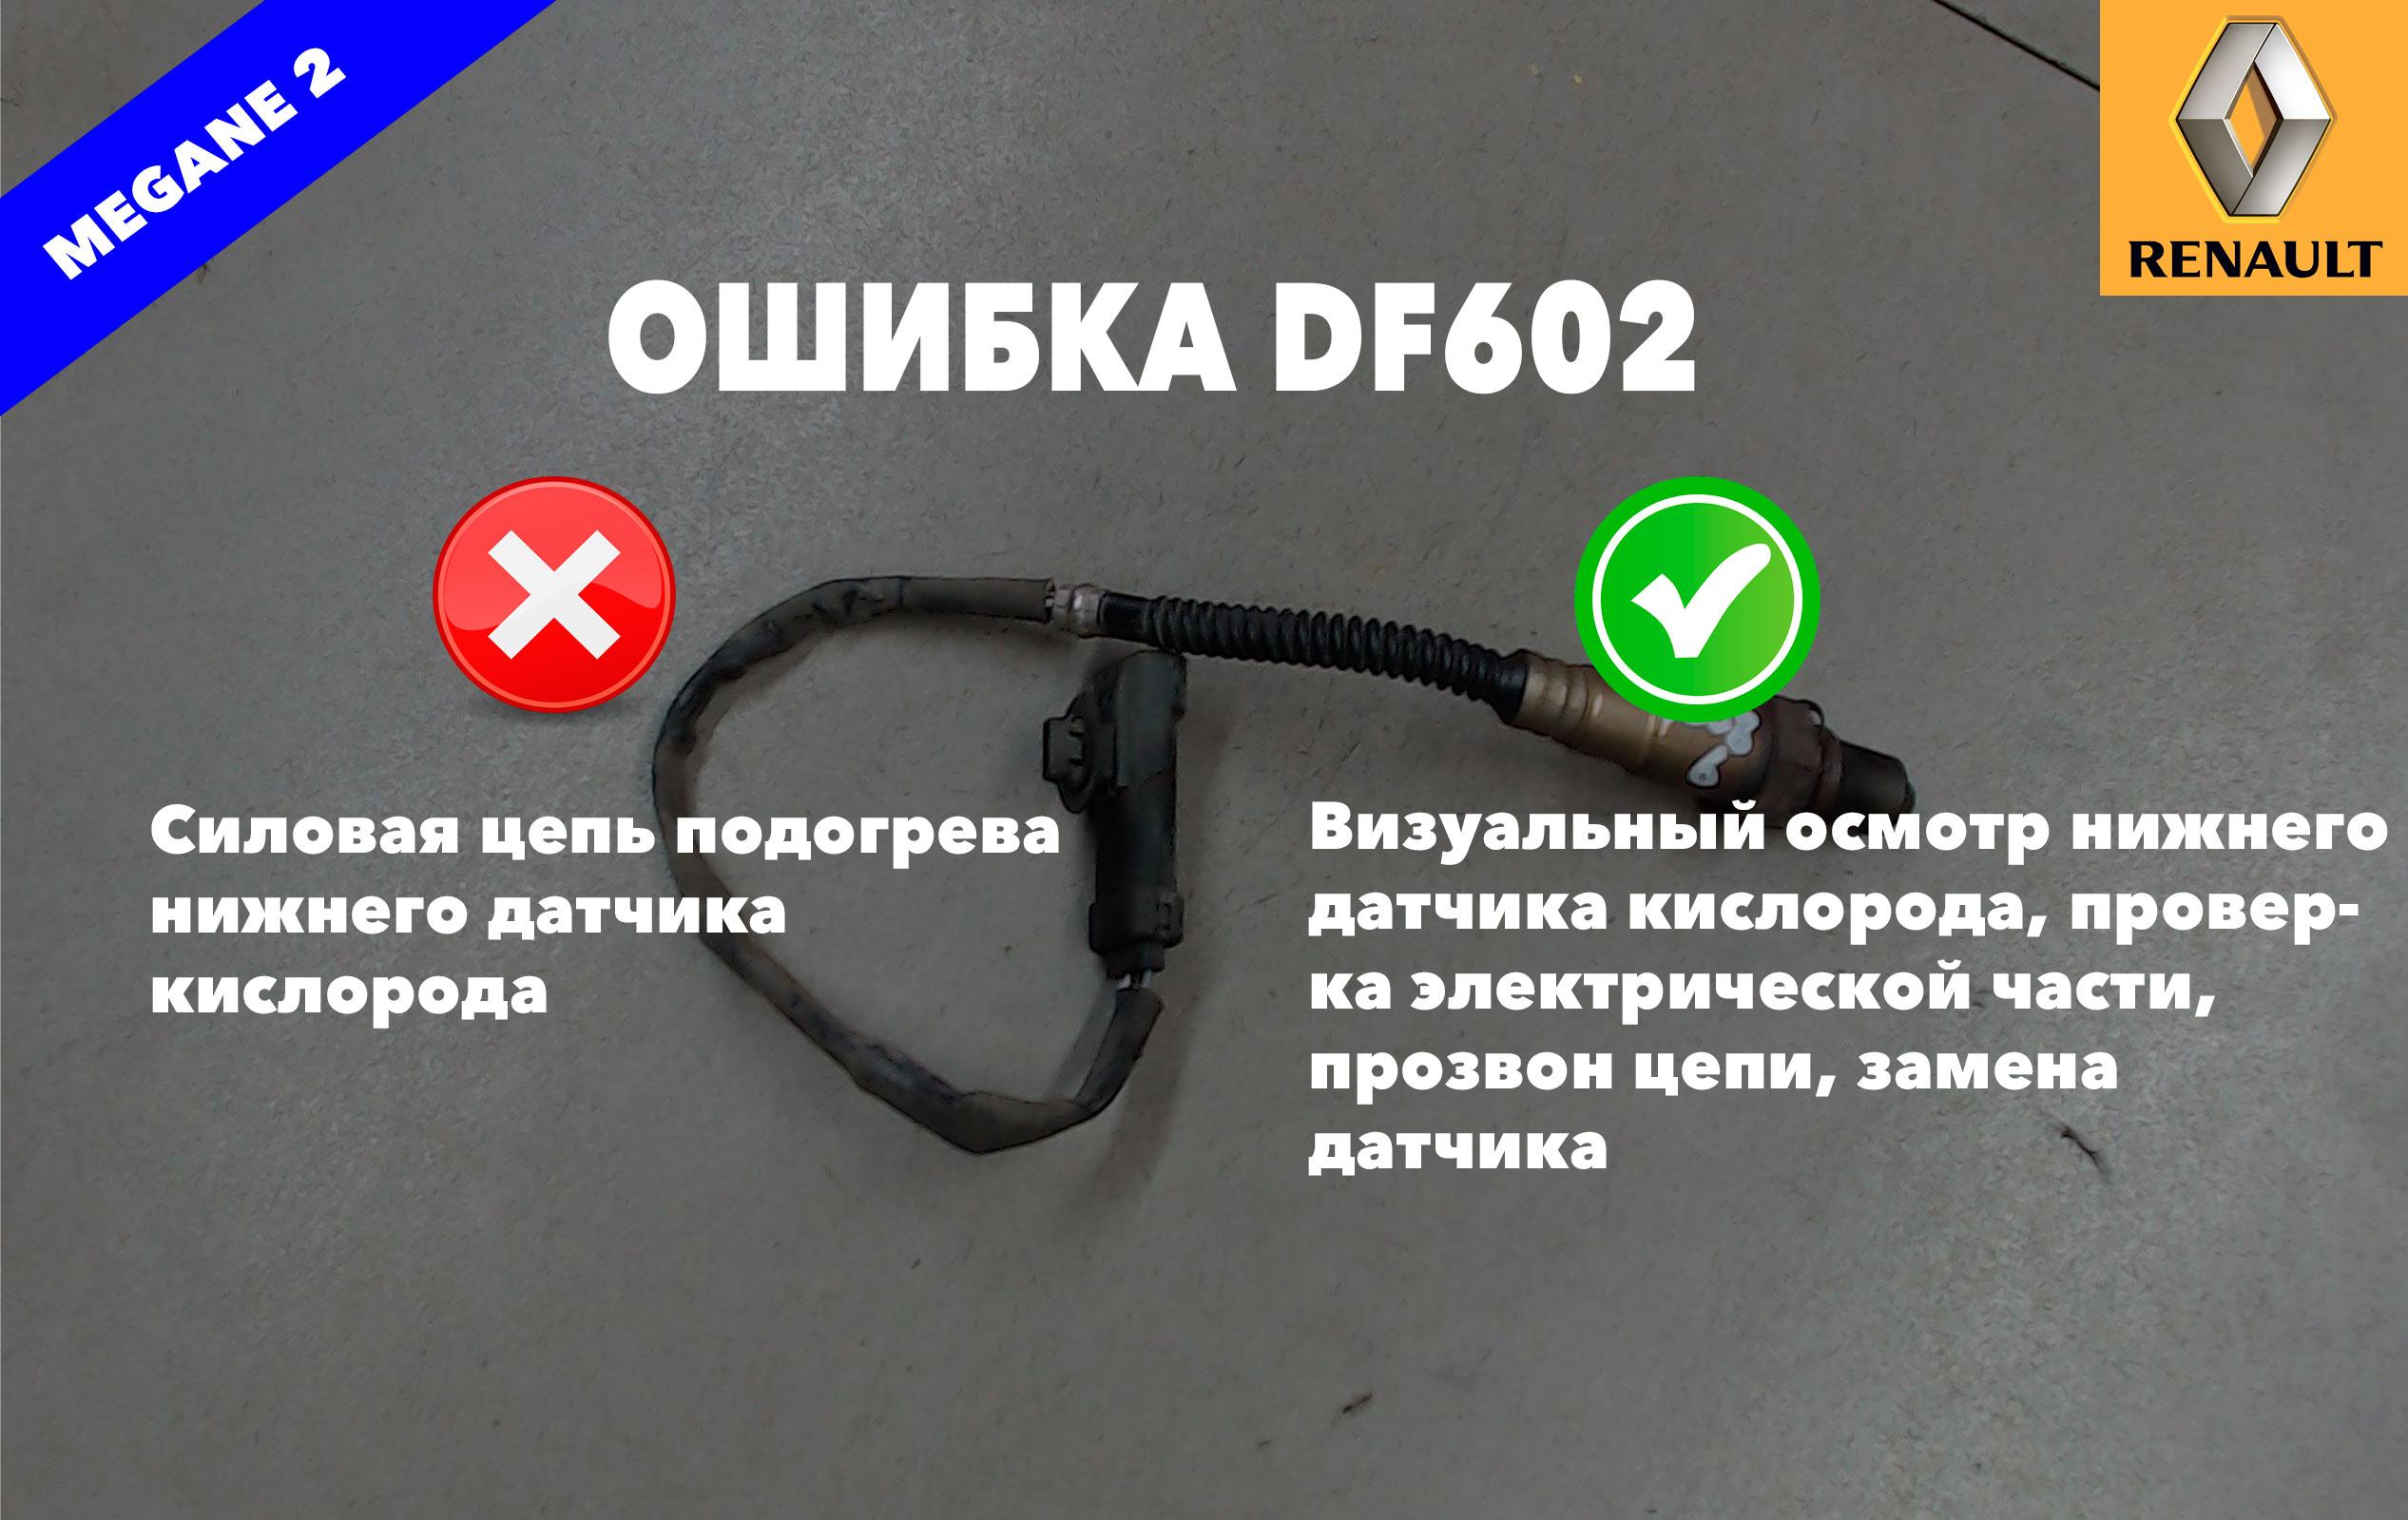 Рено Меган 2 код ошибки DF602 – силовая цепь подогрева нижнего датчика кислорода